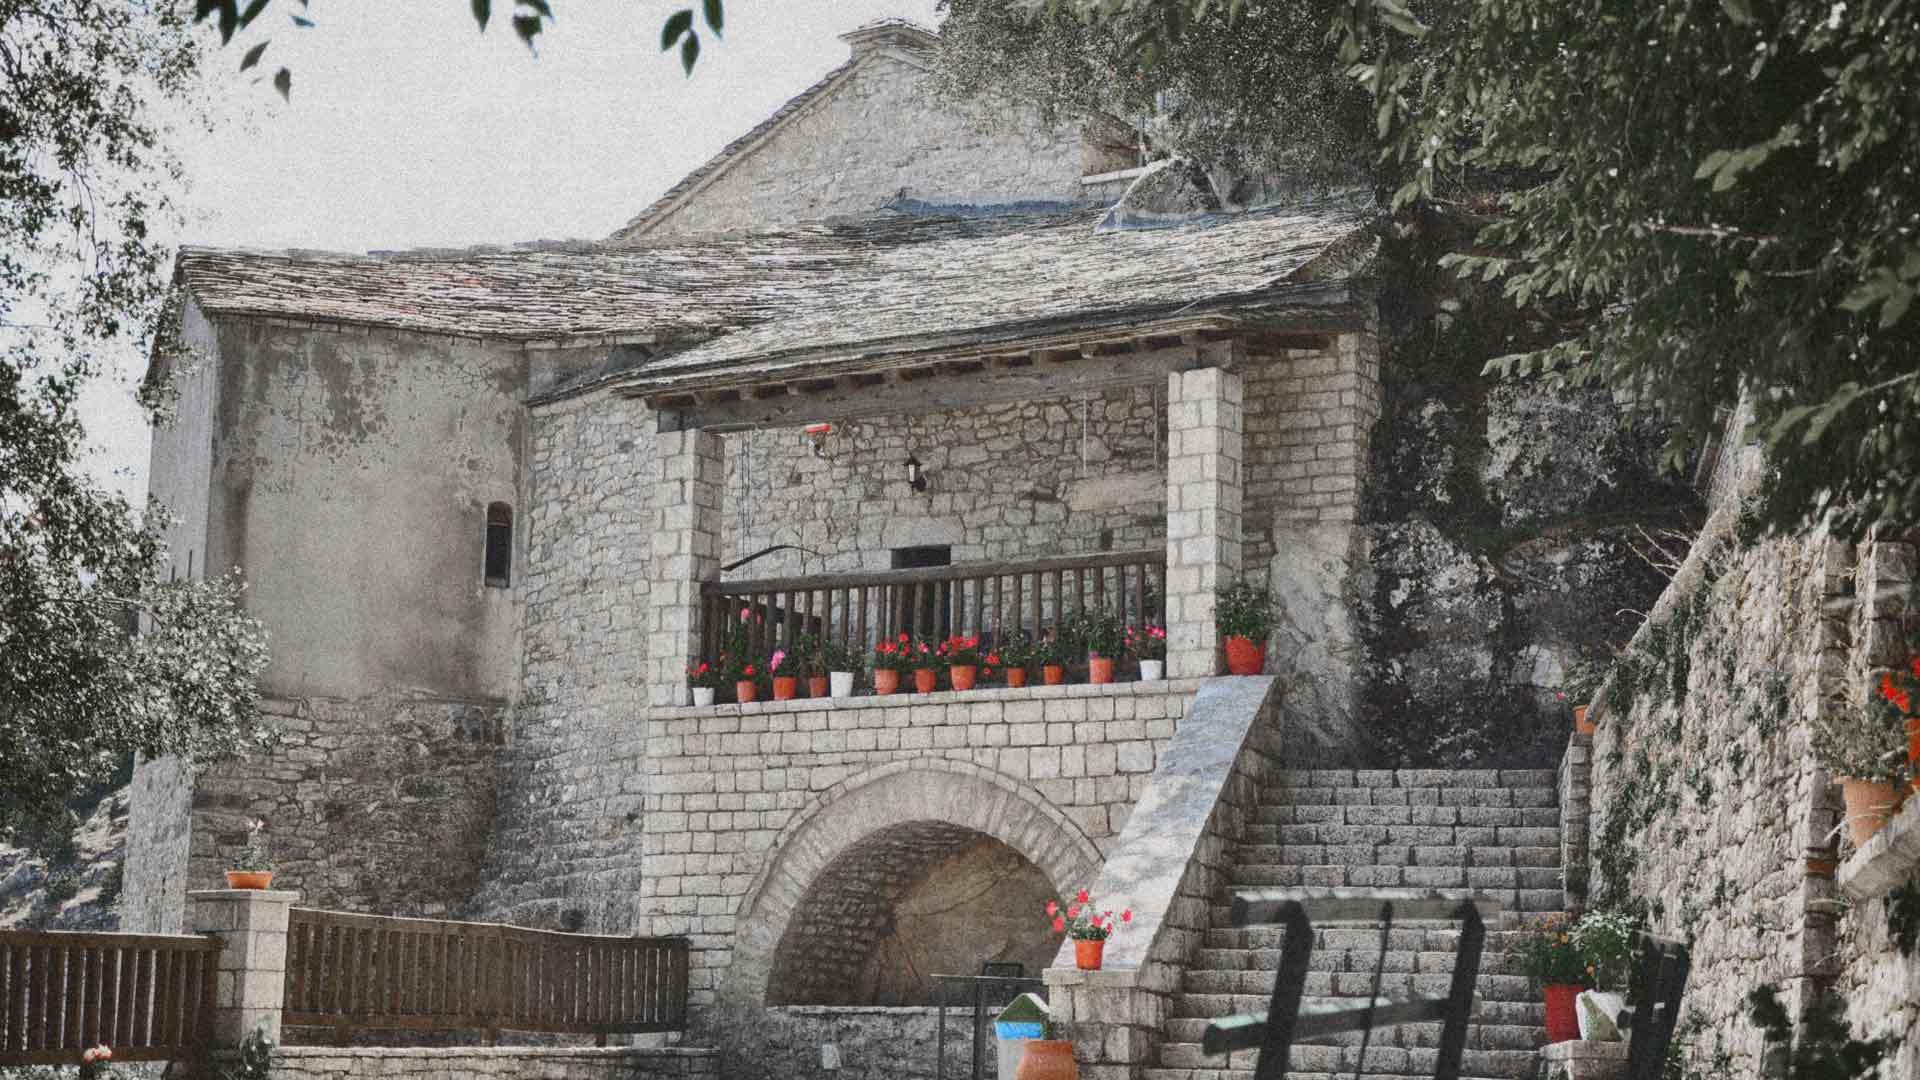 Ιερά Μονή Παναγίας Πελεκητής | Δήμος Λίμνης Πλαστήρα